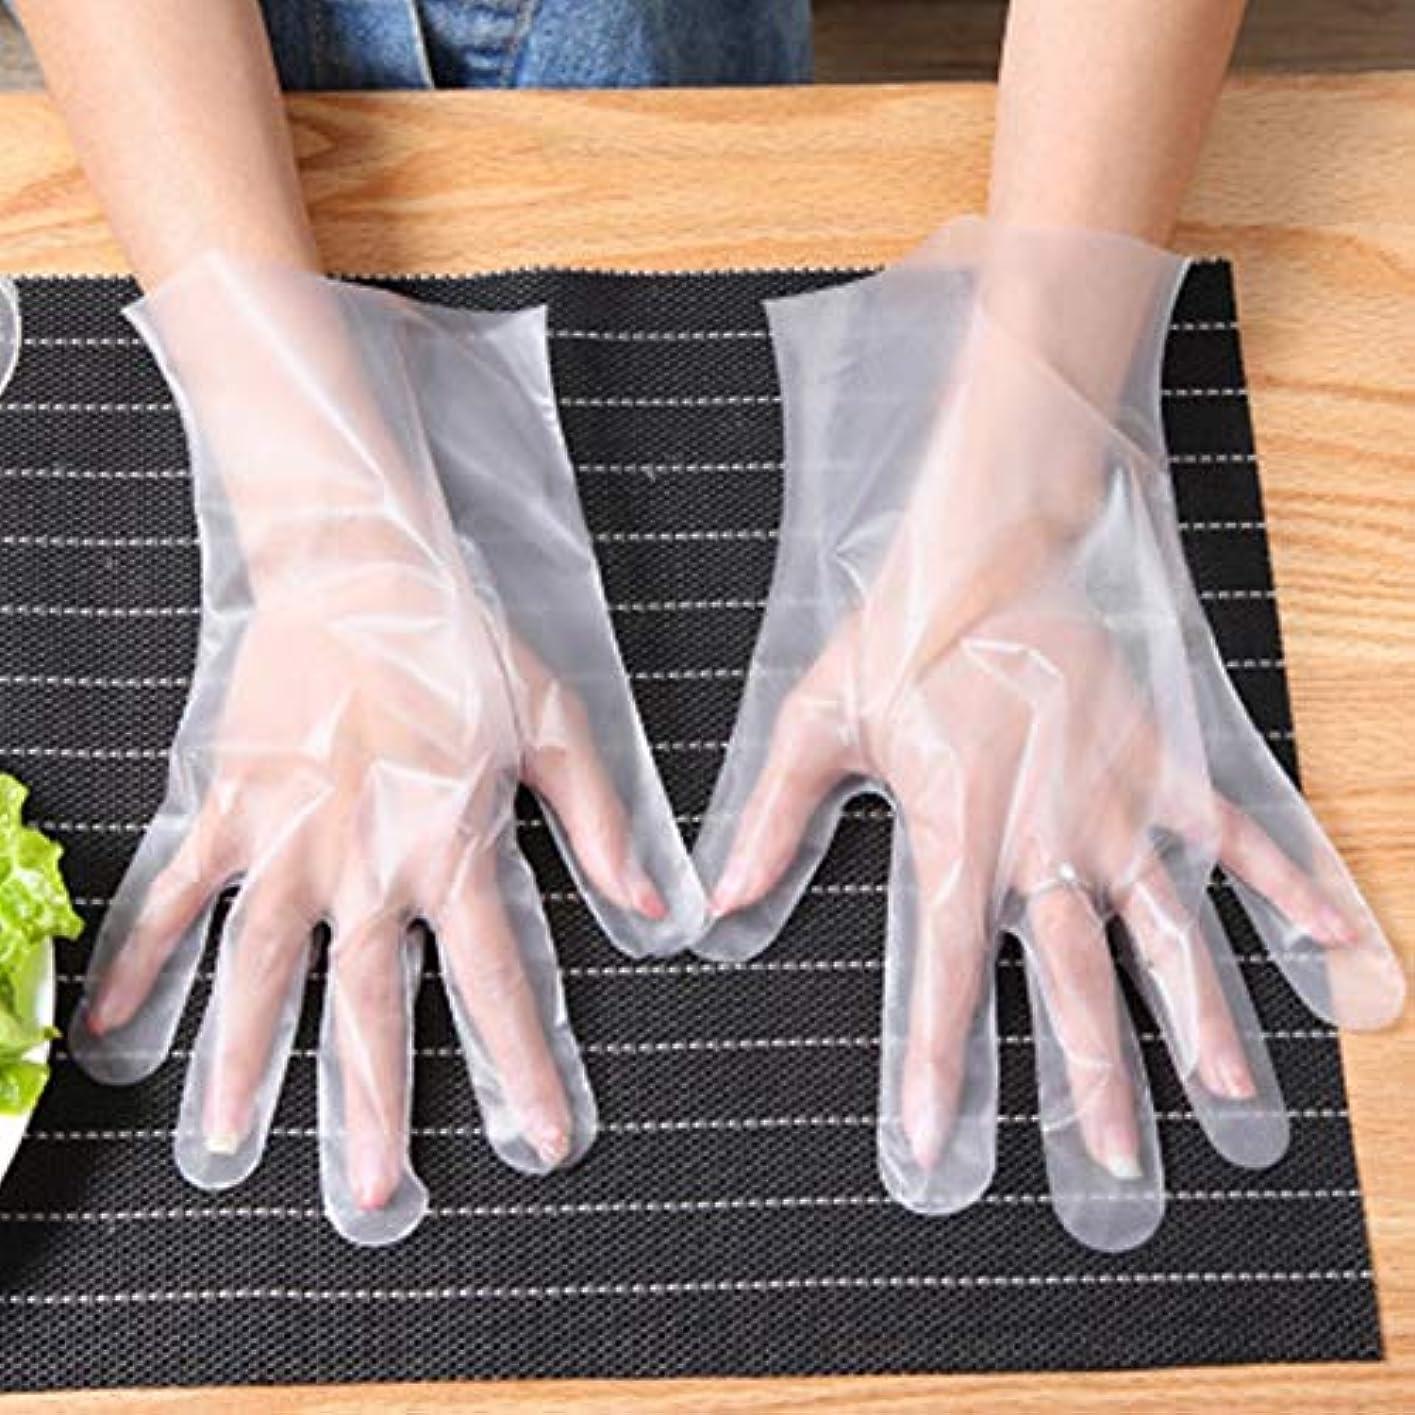 バッフル思いやり示す多目的使い捨て手袋 200枚入り プラスチック製 食品準備用手袋 ラテックス不使用 子供の美術工芸や絵画に最適 透明